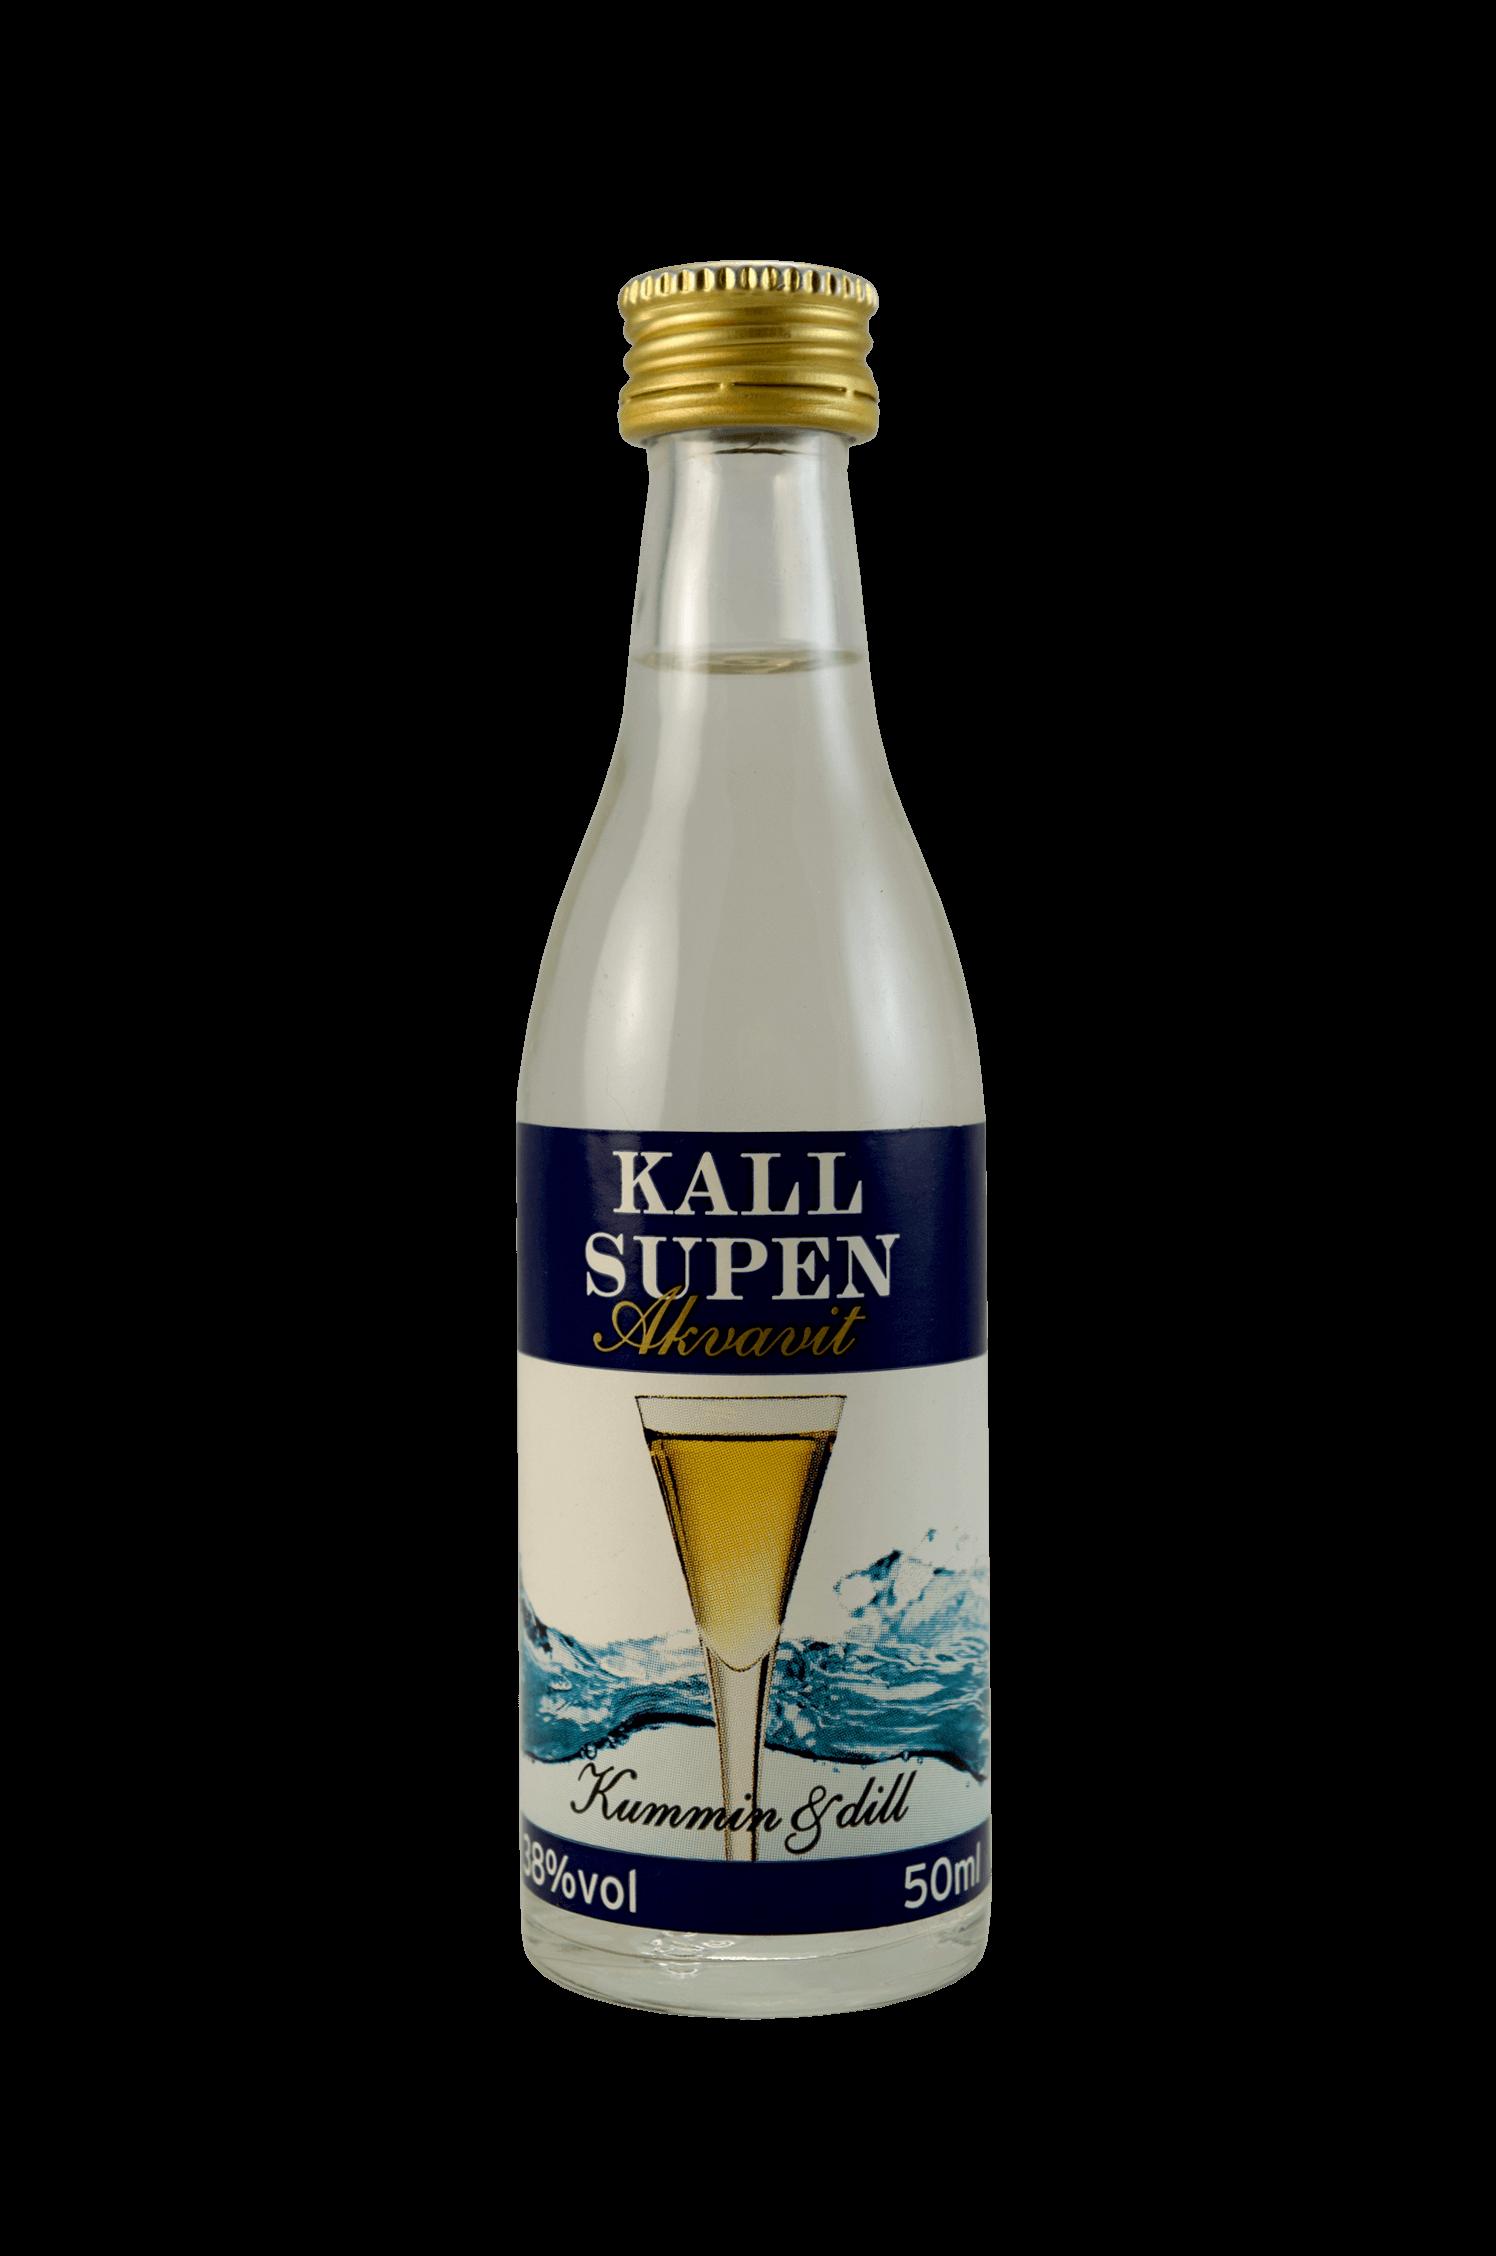 Kall Supen Aquavit